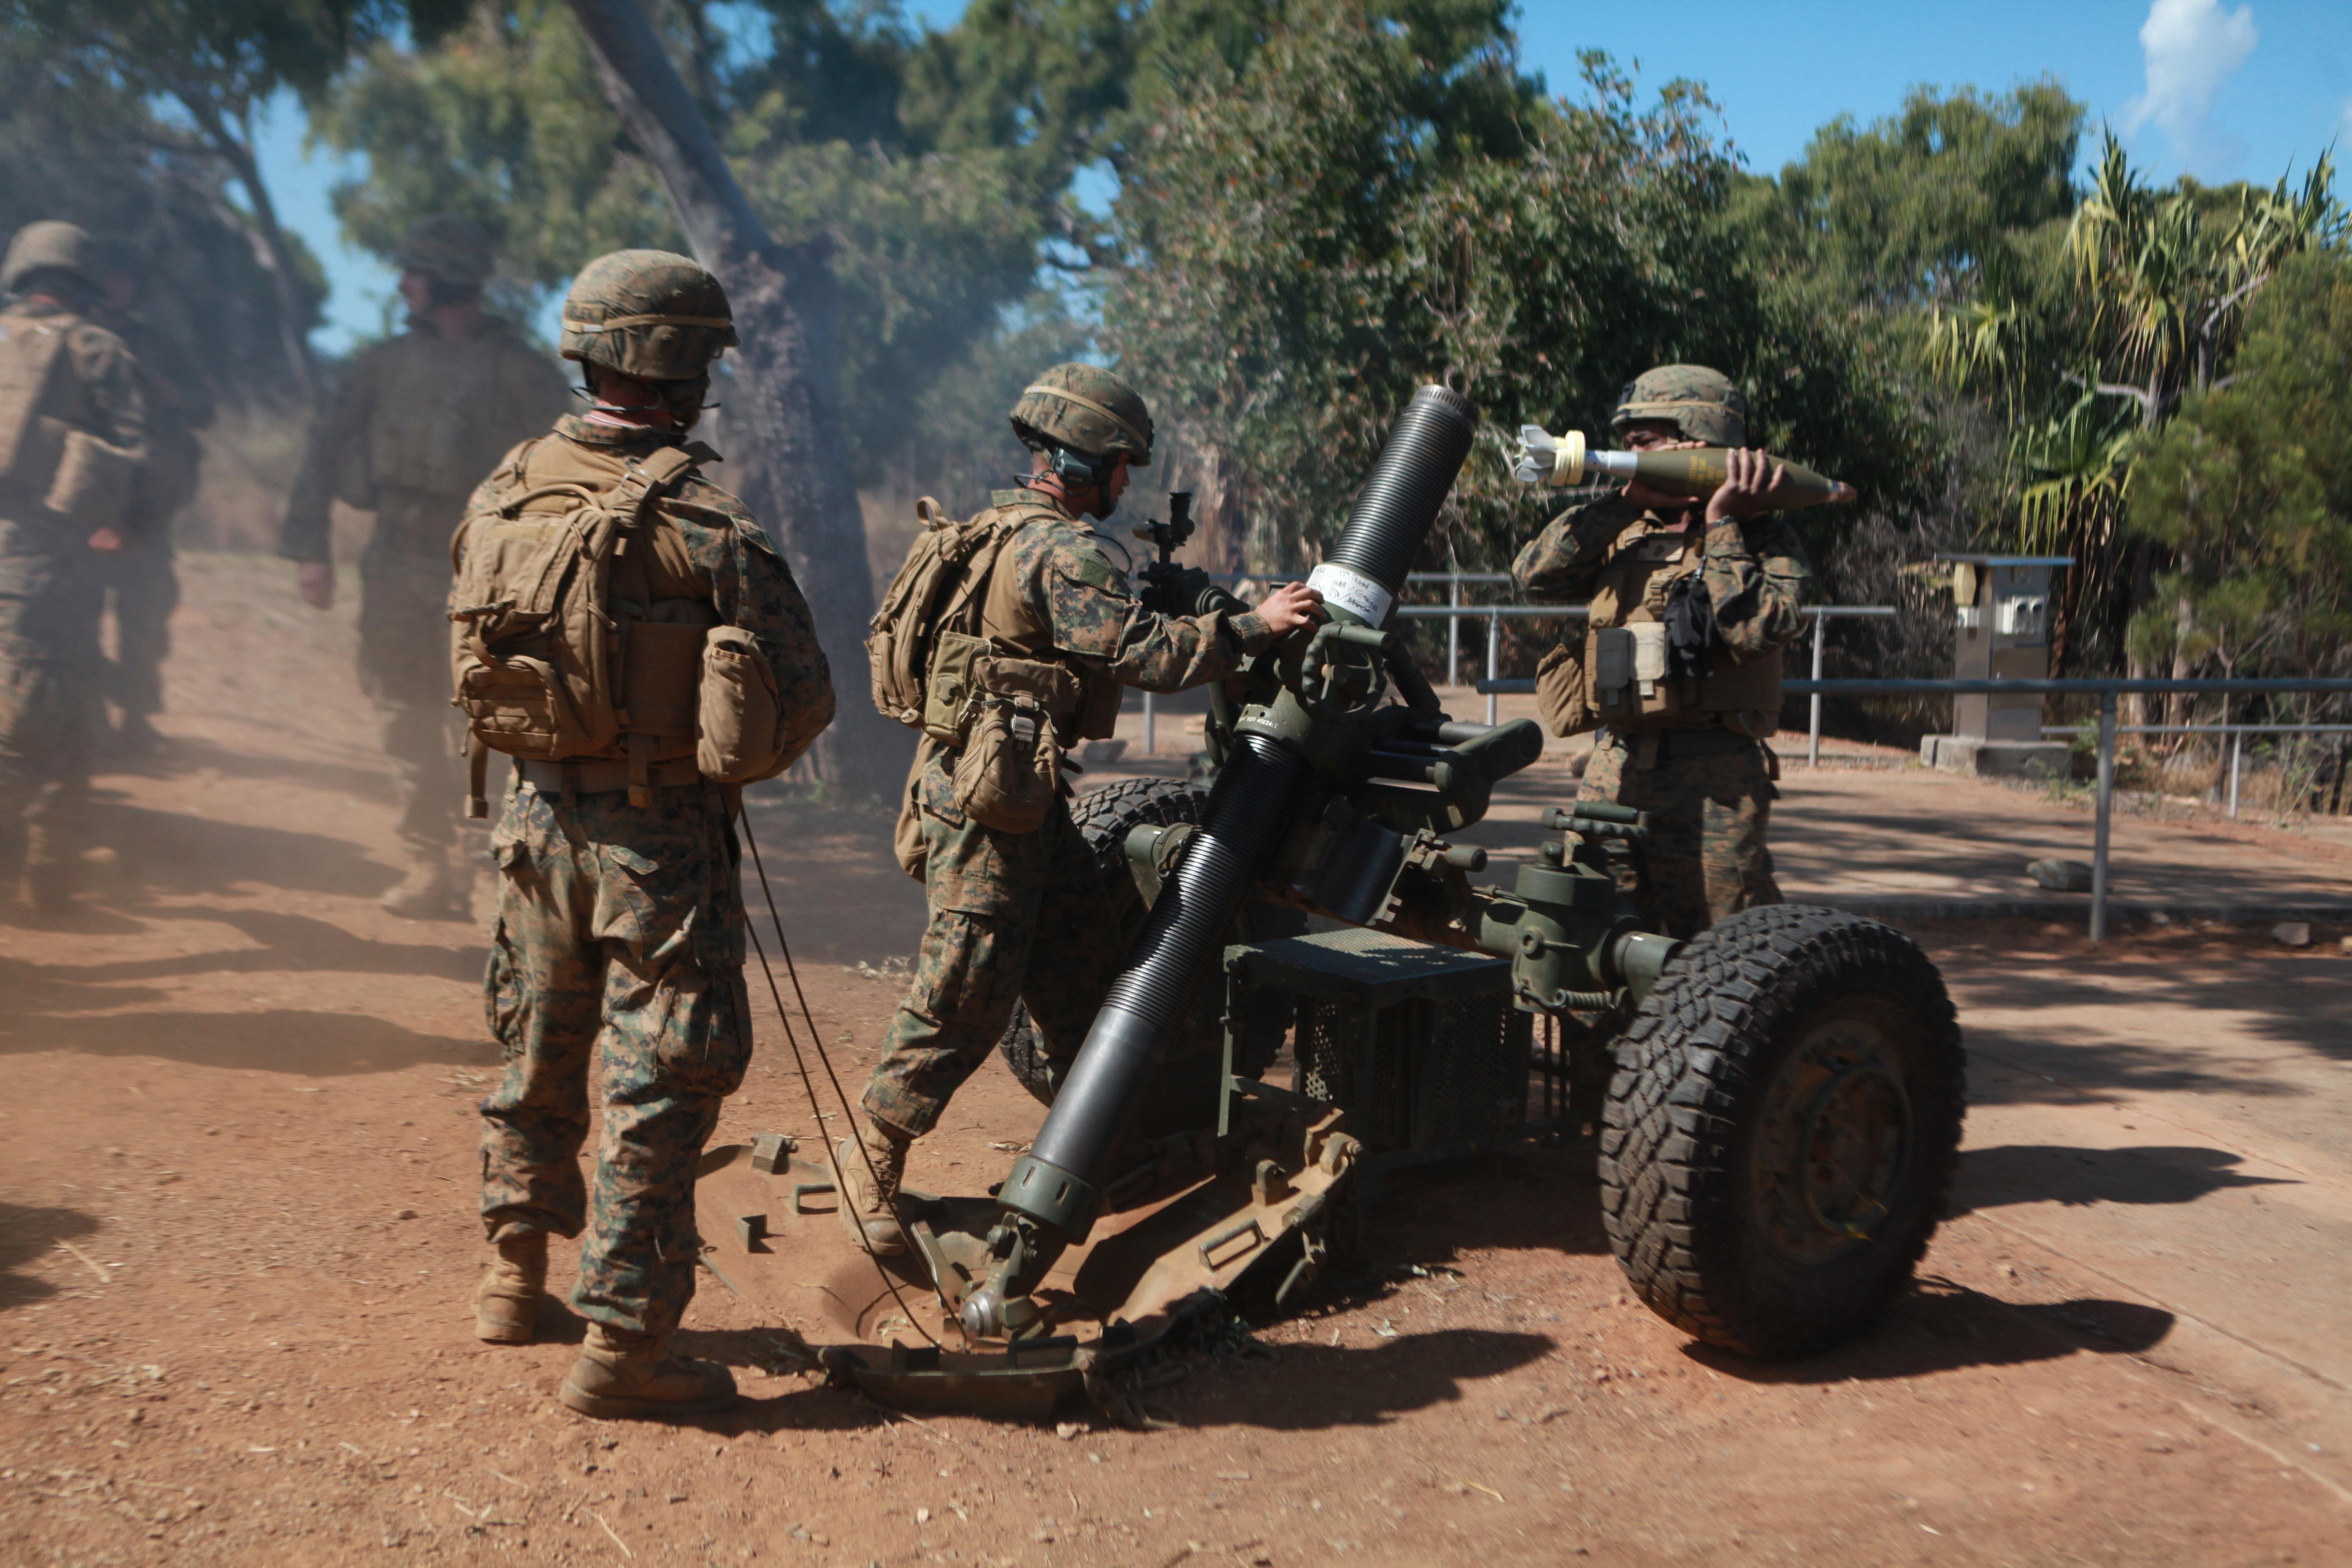 U S Army Heavy Mortar Platoon : Testing mortar skills in hills of australia gt st marine